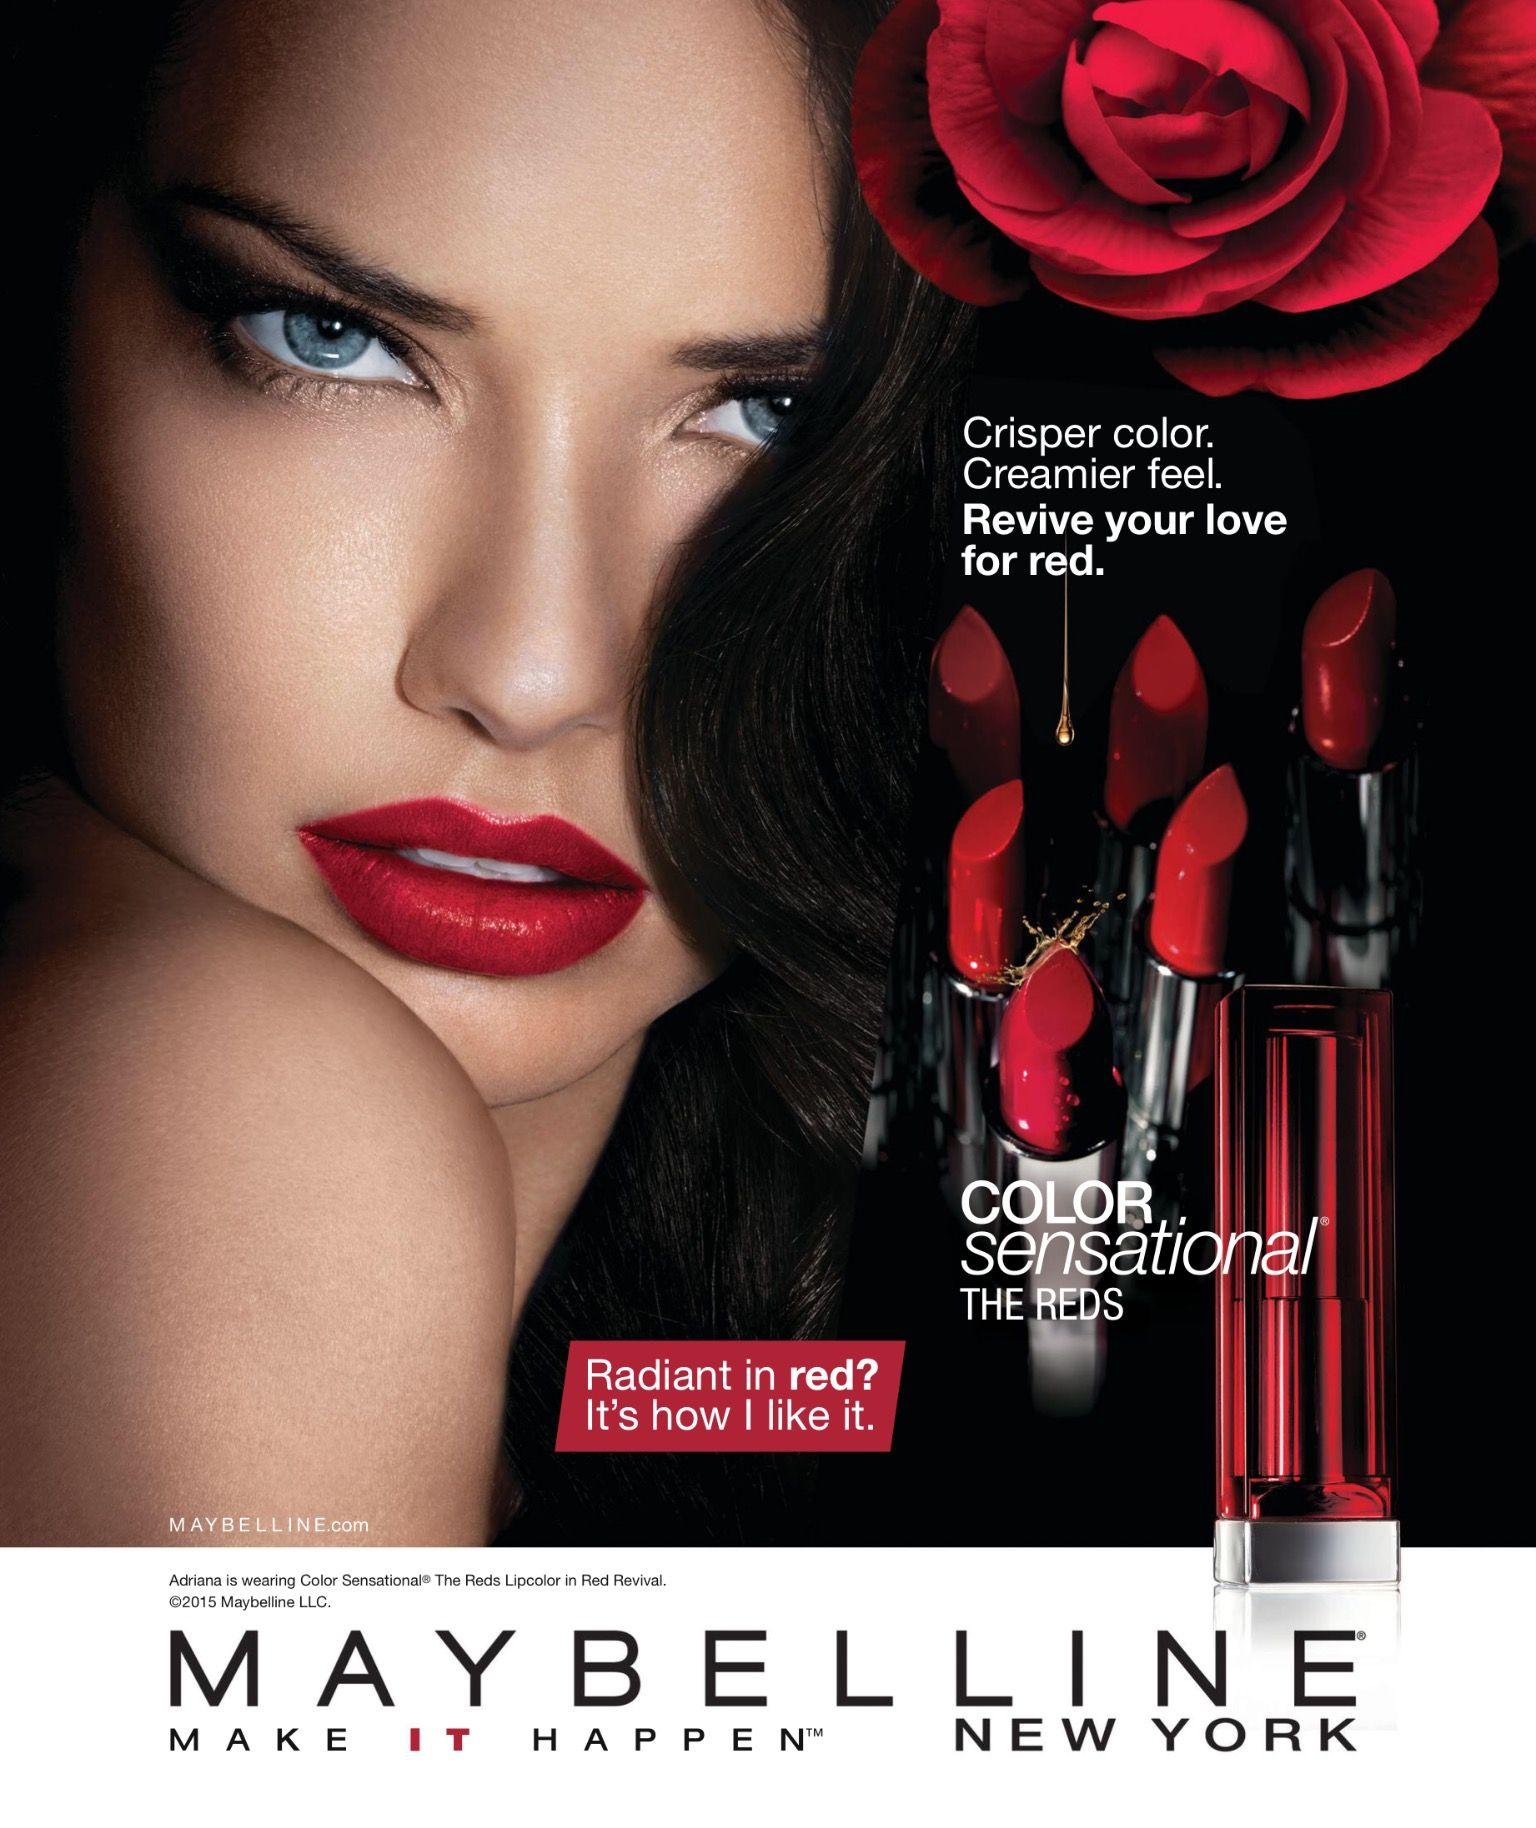 Maybelline Dakota Collection Modelos brasileñas